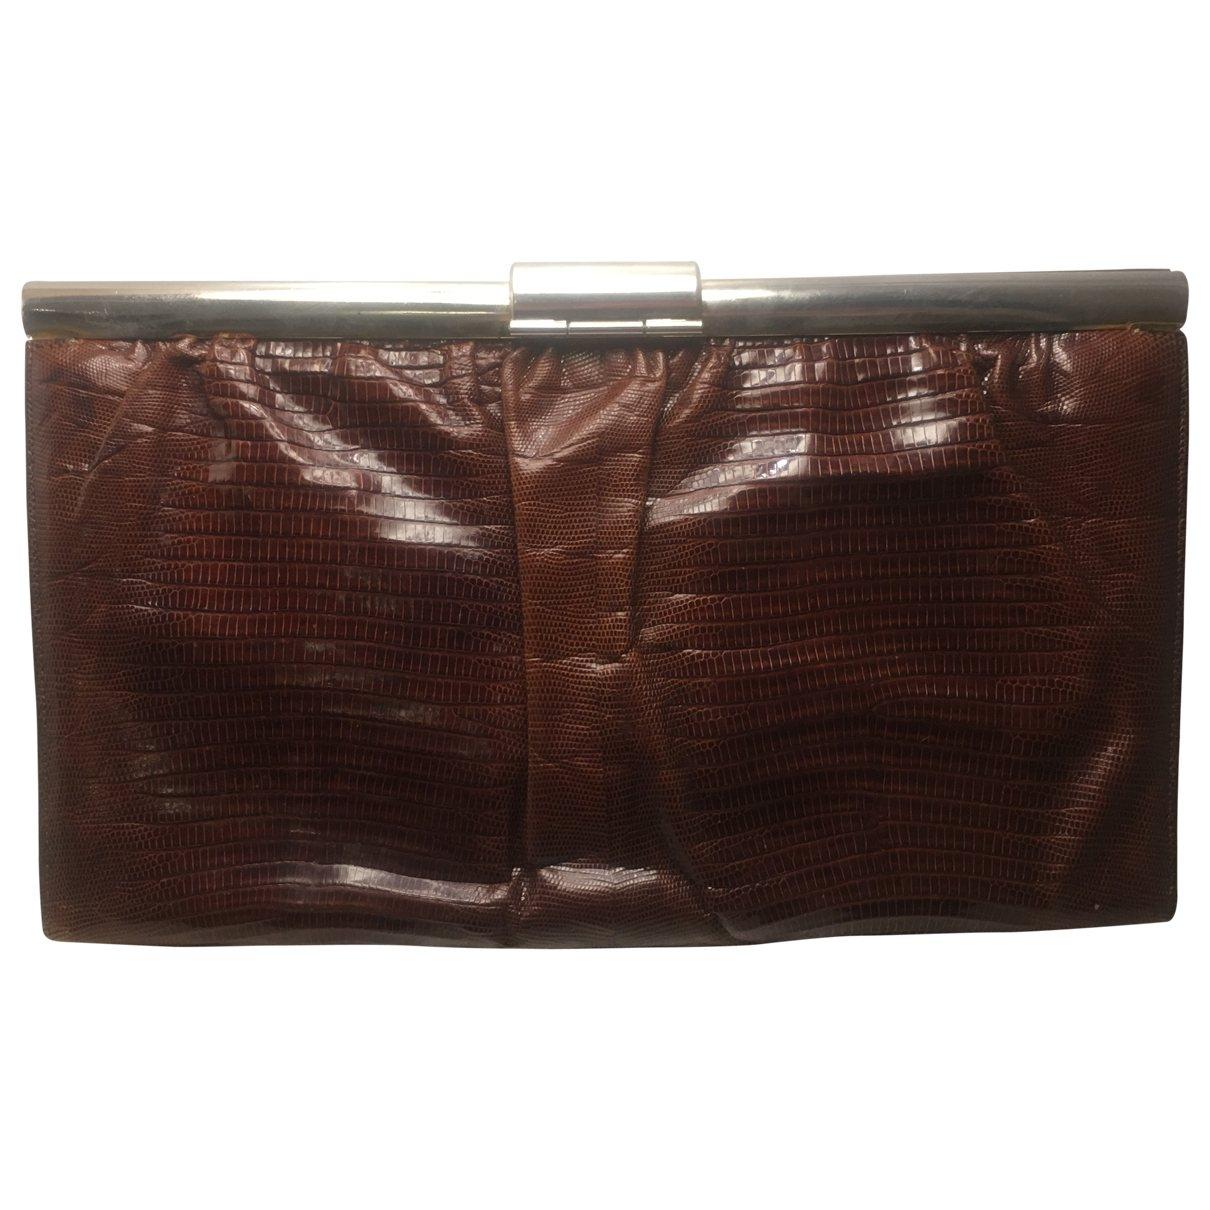 Loewe \N Brown Lizard Clutch bag for Women \N